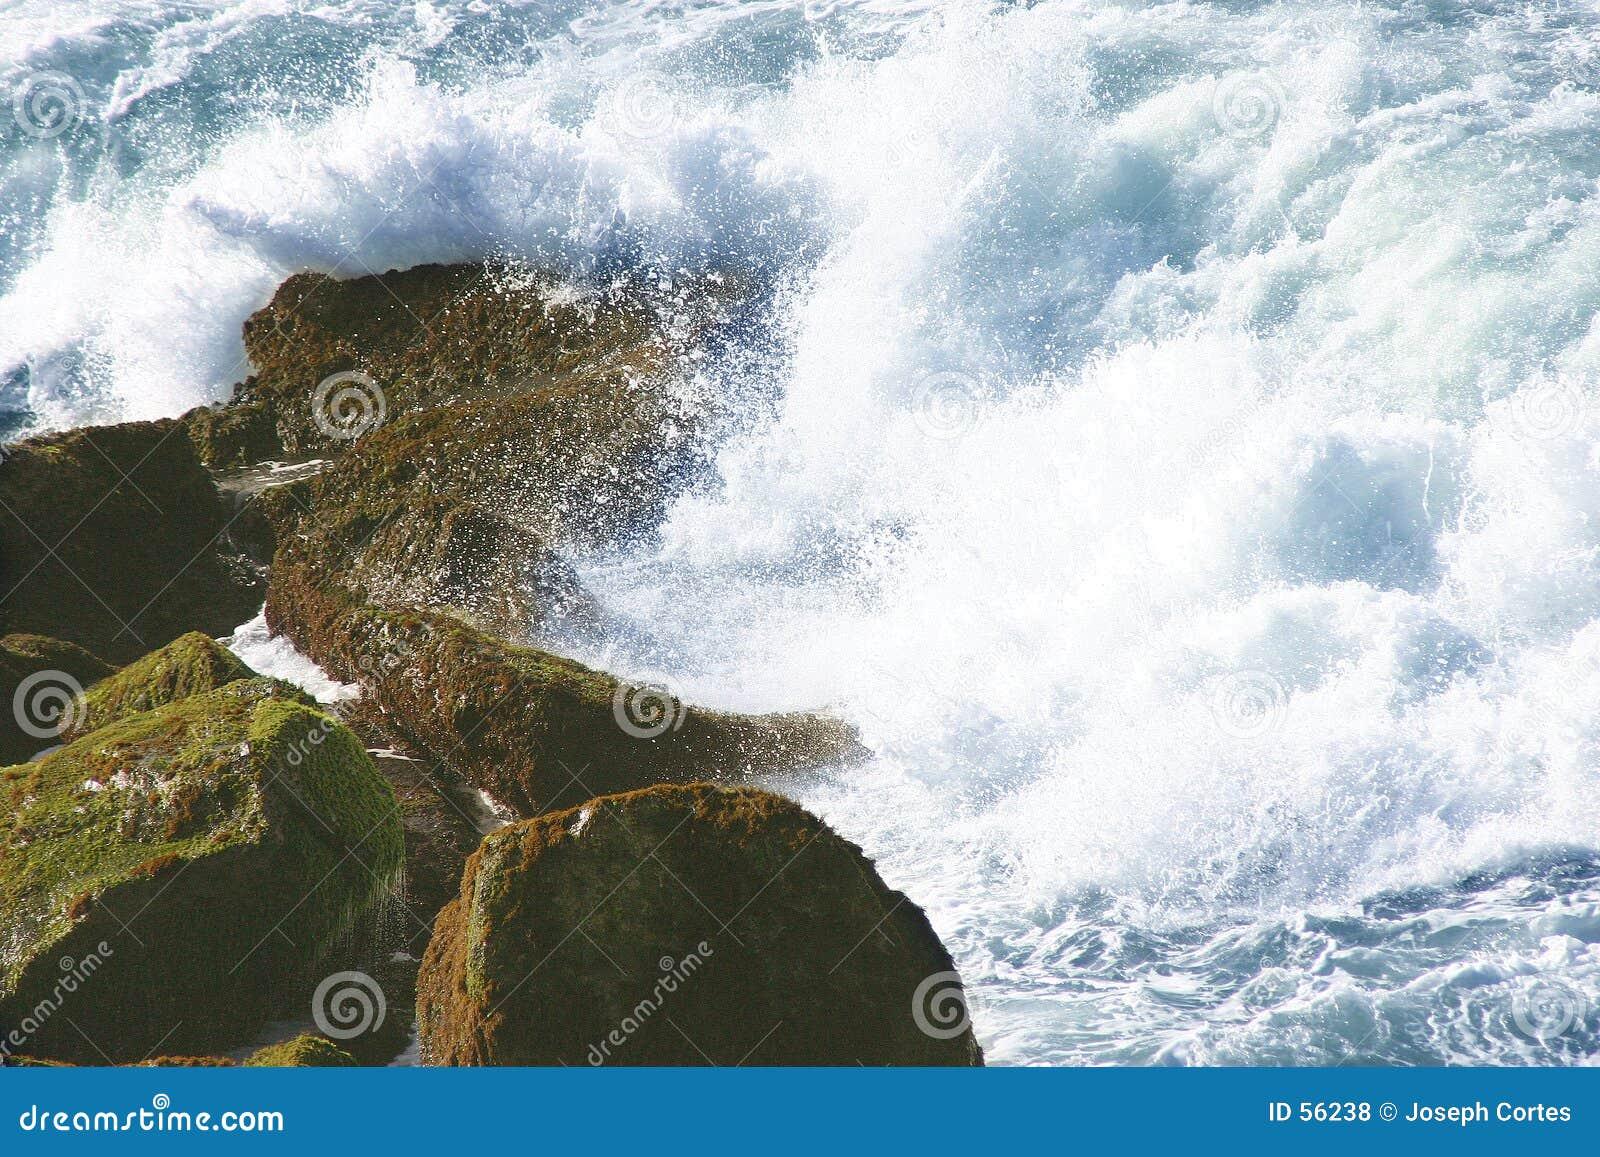 Download Les eaux sensationnelles photo stock. Image du humide, force - 56238